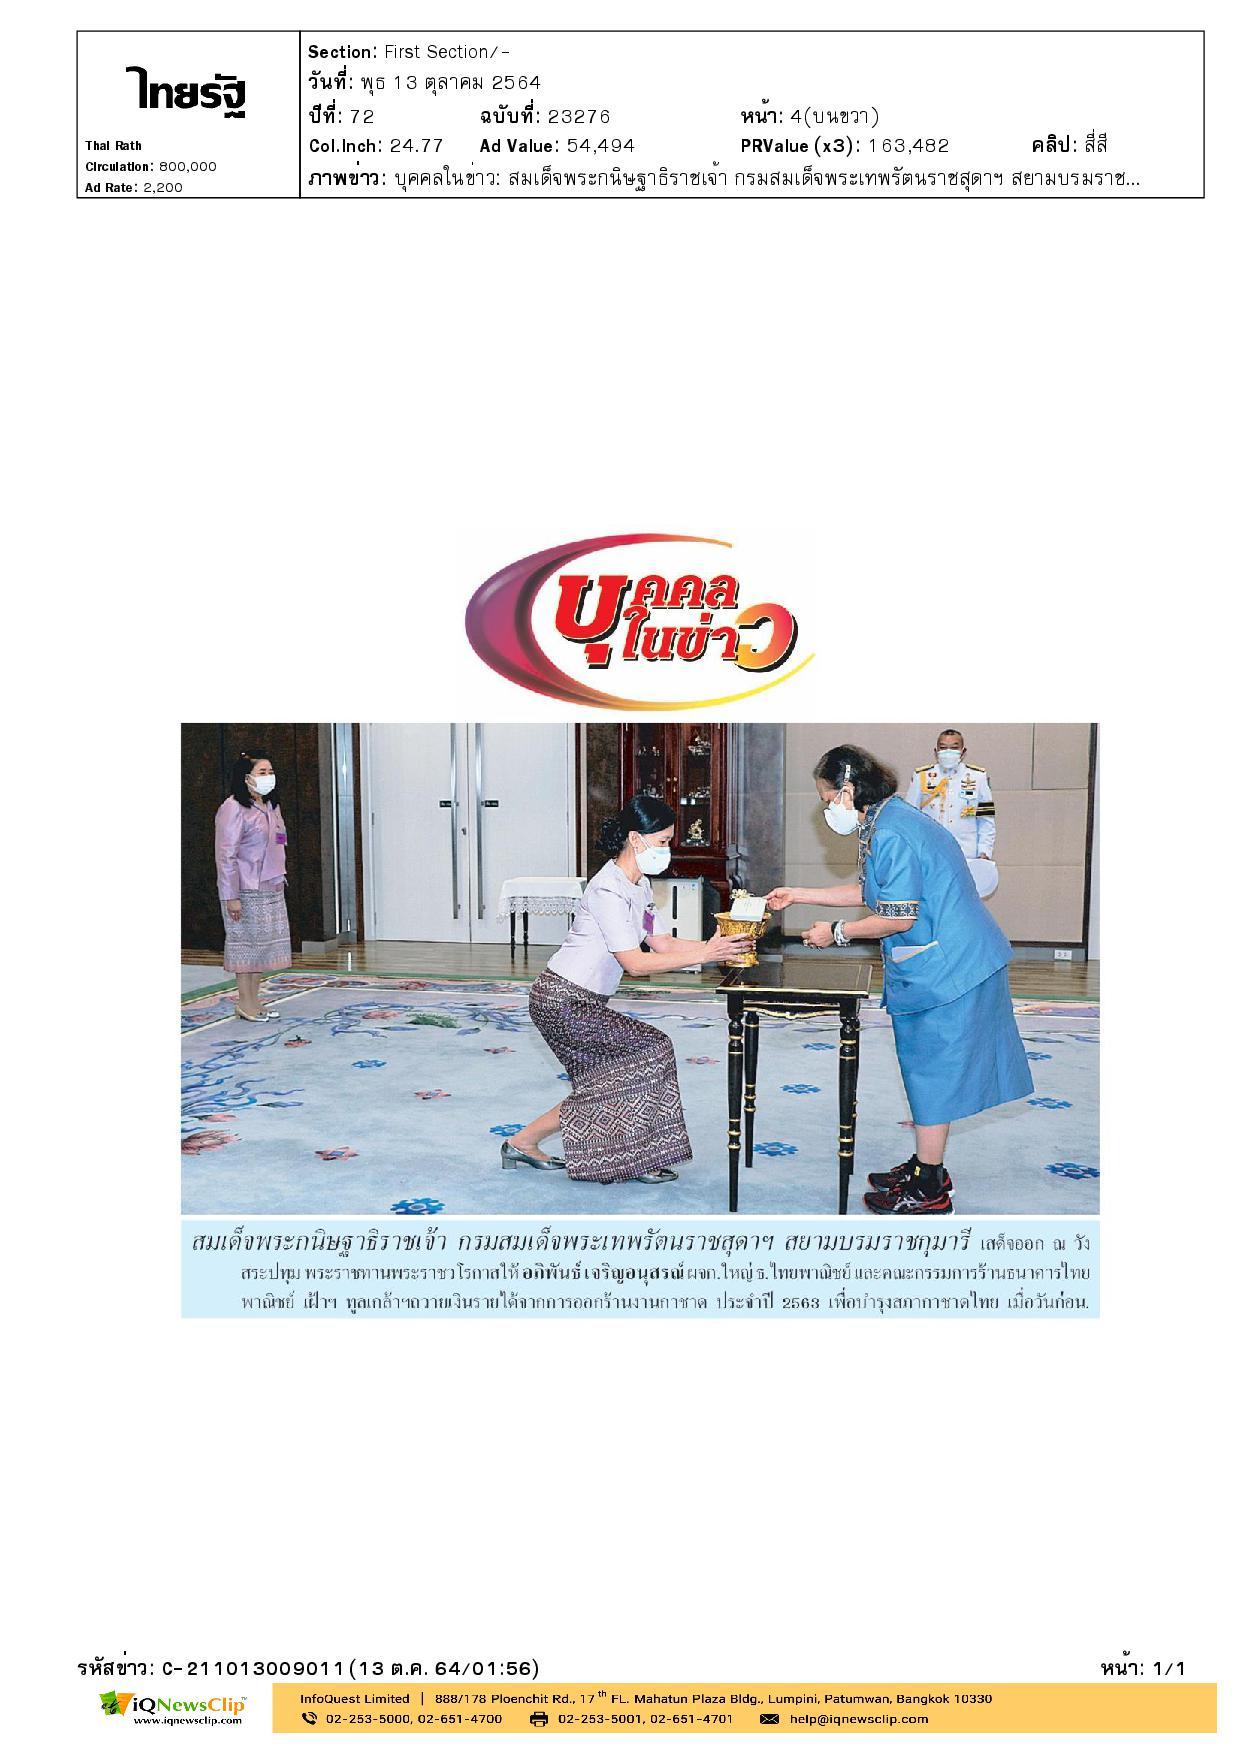 เฝ้าฯ ทูลเกล้าฯถวายเงินรายได้จากการออกร้านงานกาชาด ประจำปี 2563 เพื่อบำรุงสภากาชาดไทย